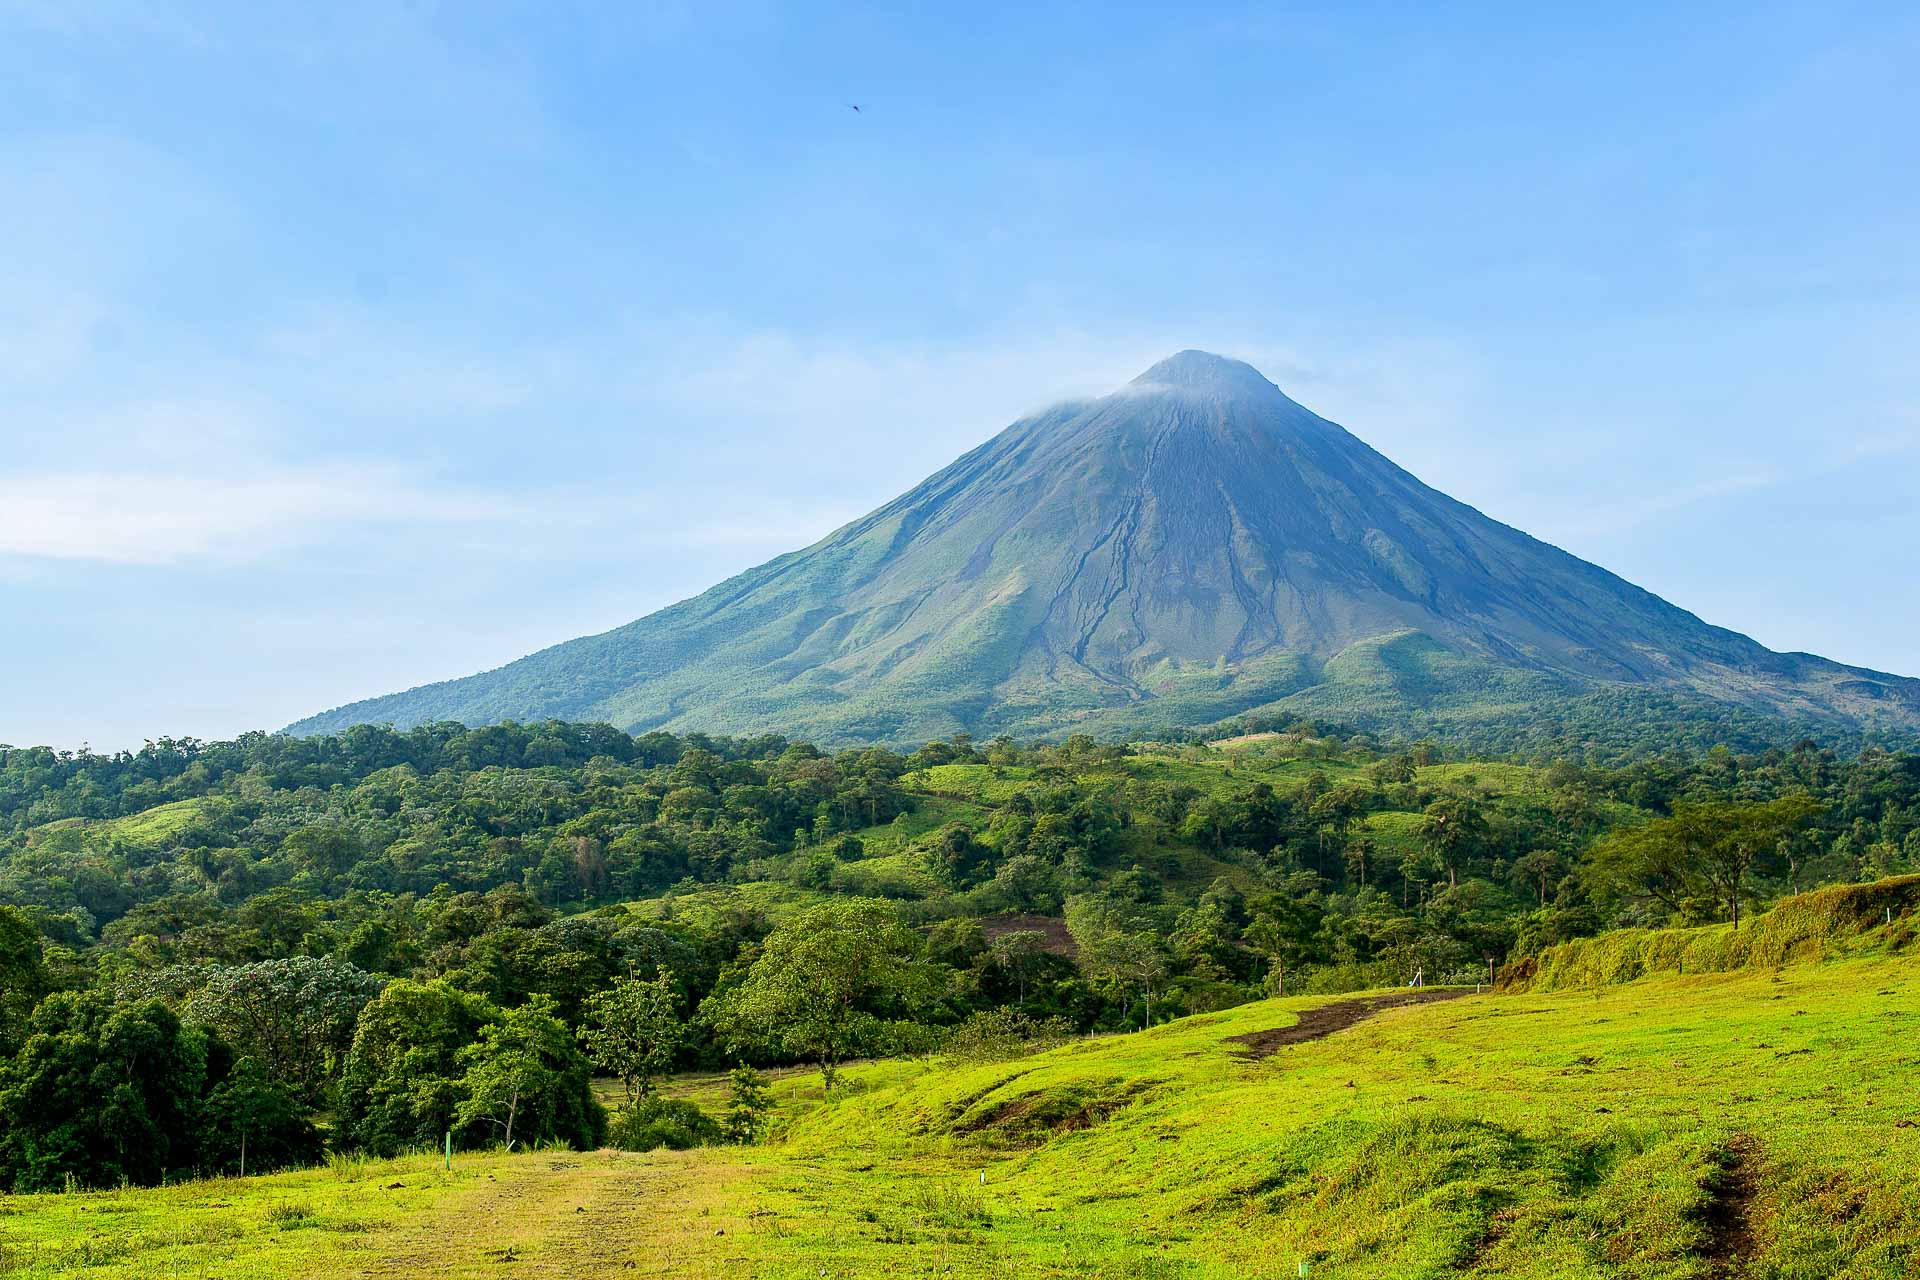 Bonne nouvelle. Il existe encore une destination lointaine où s'envoler sans craindre de devoir (trop) en découdre avec sa conscience écologique. Ce pays de 51,100 km2, lové entre mer des Caraïbes et océan Pacifique, superbe mélange de jungle, de côtes sauvages et de terres volcaniques et abritant non moins de 6% de la biodiversité mondiale, c'est le Costa Rica!